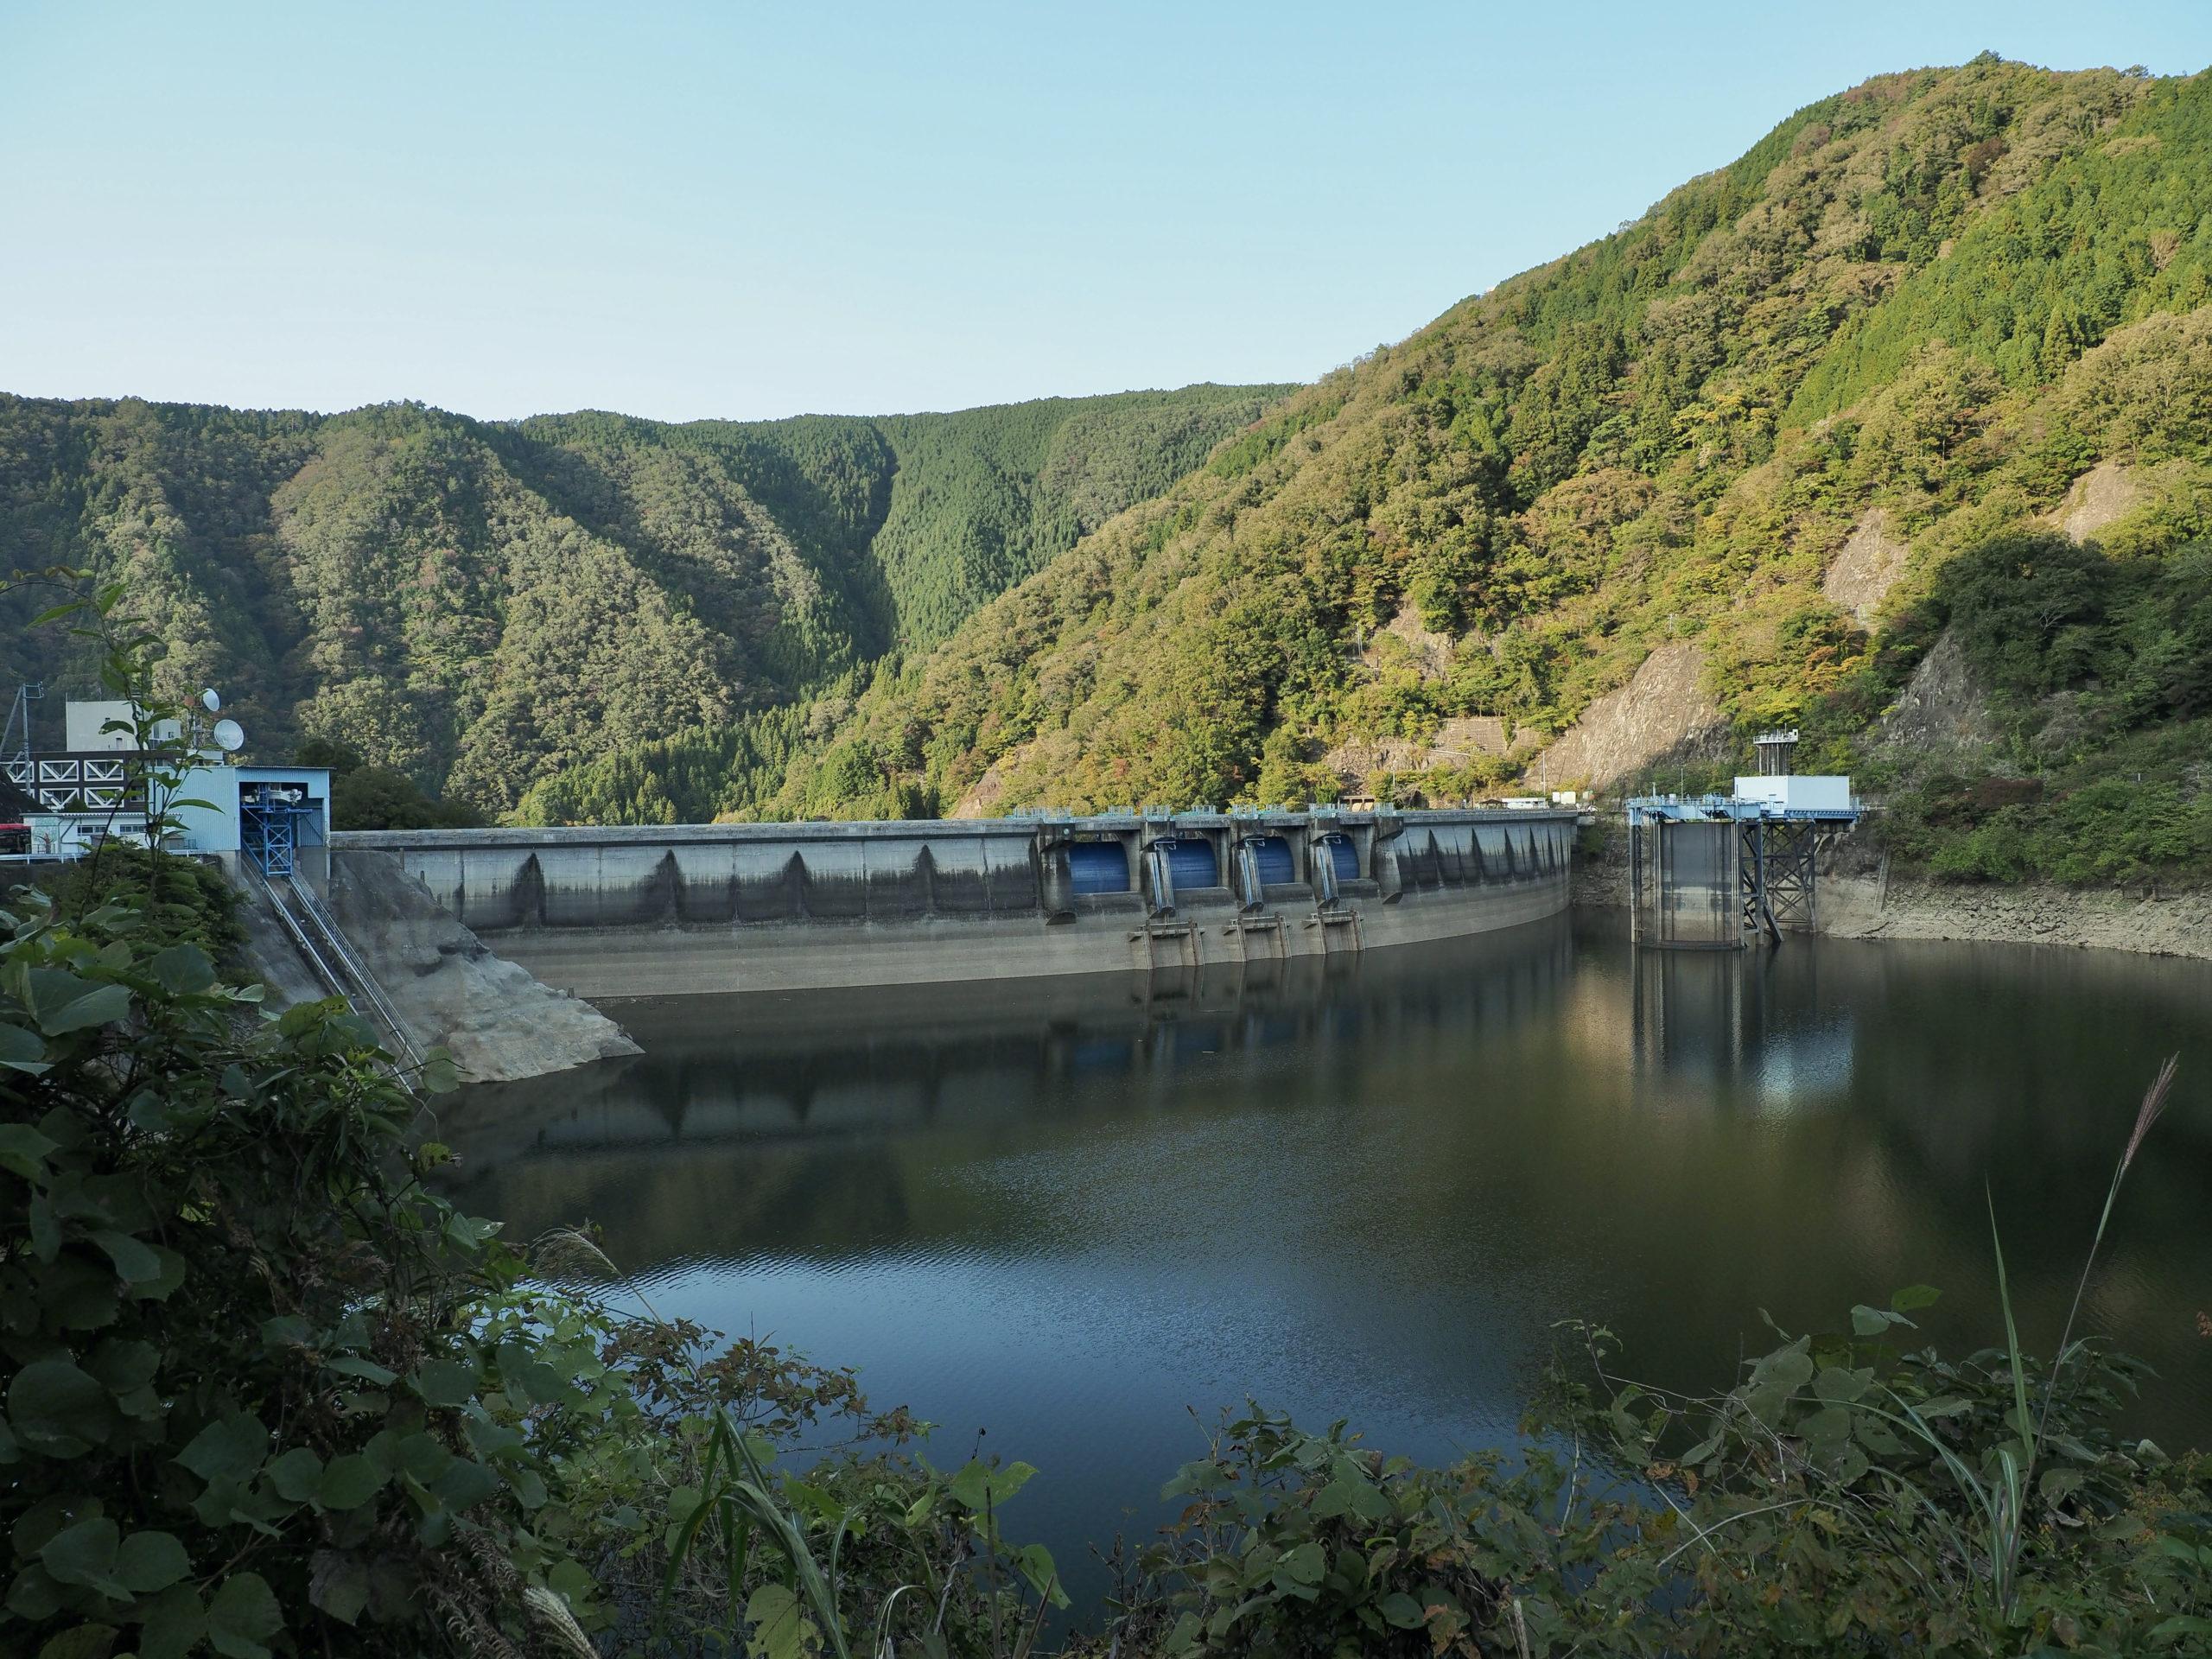 愛知県 奥矢作湖 矢作ダム